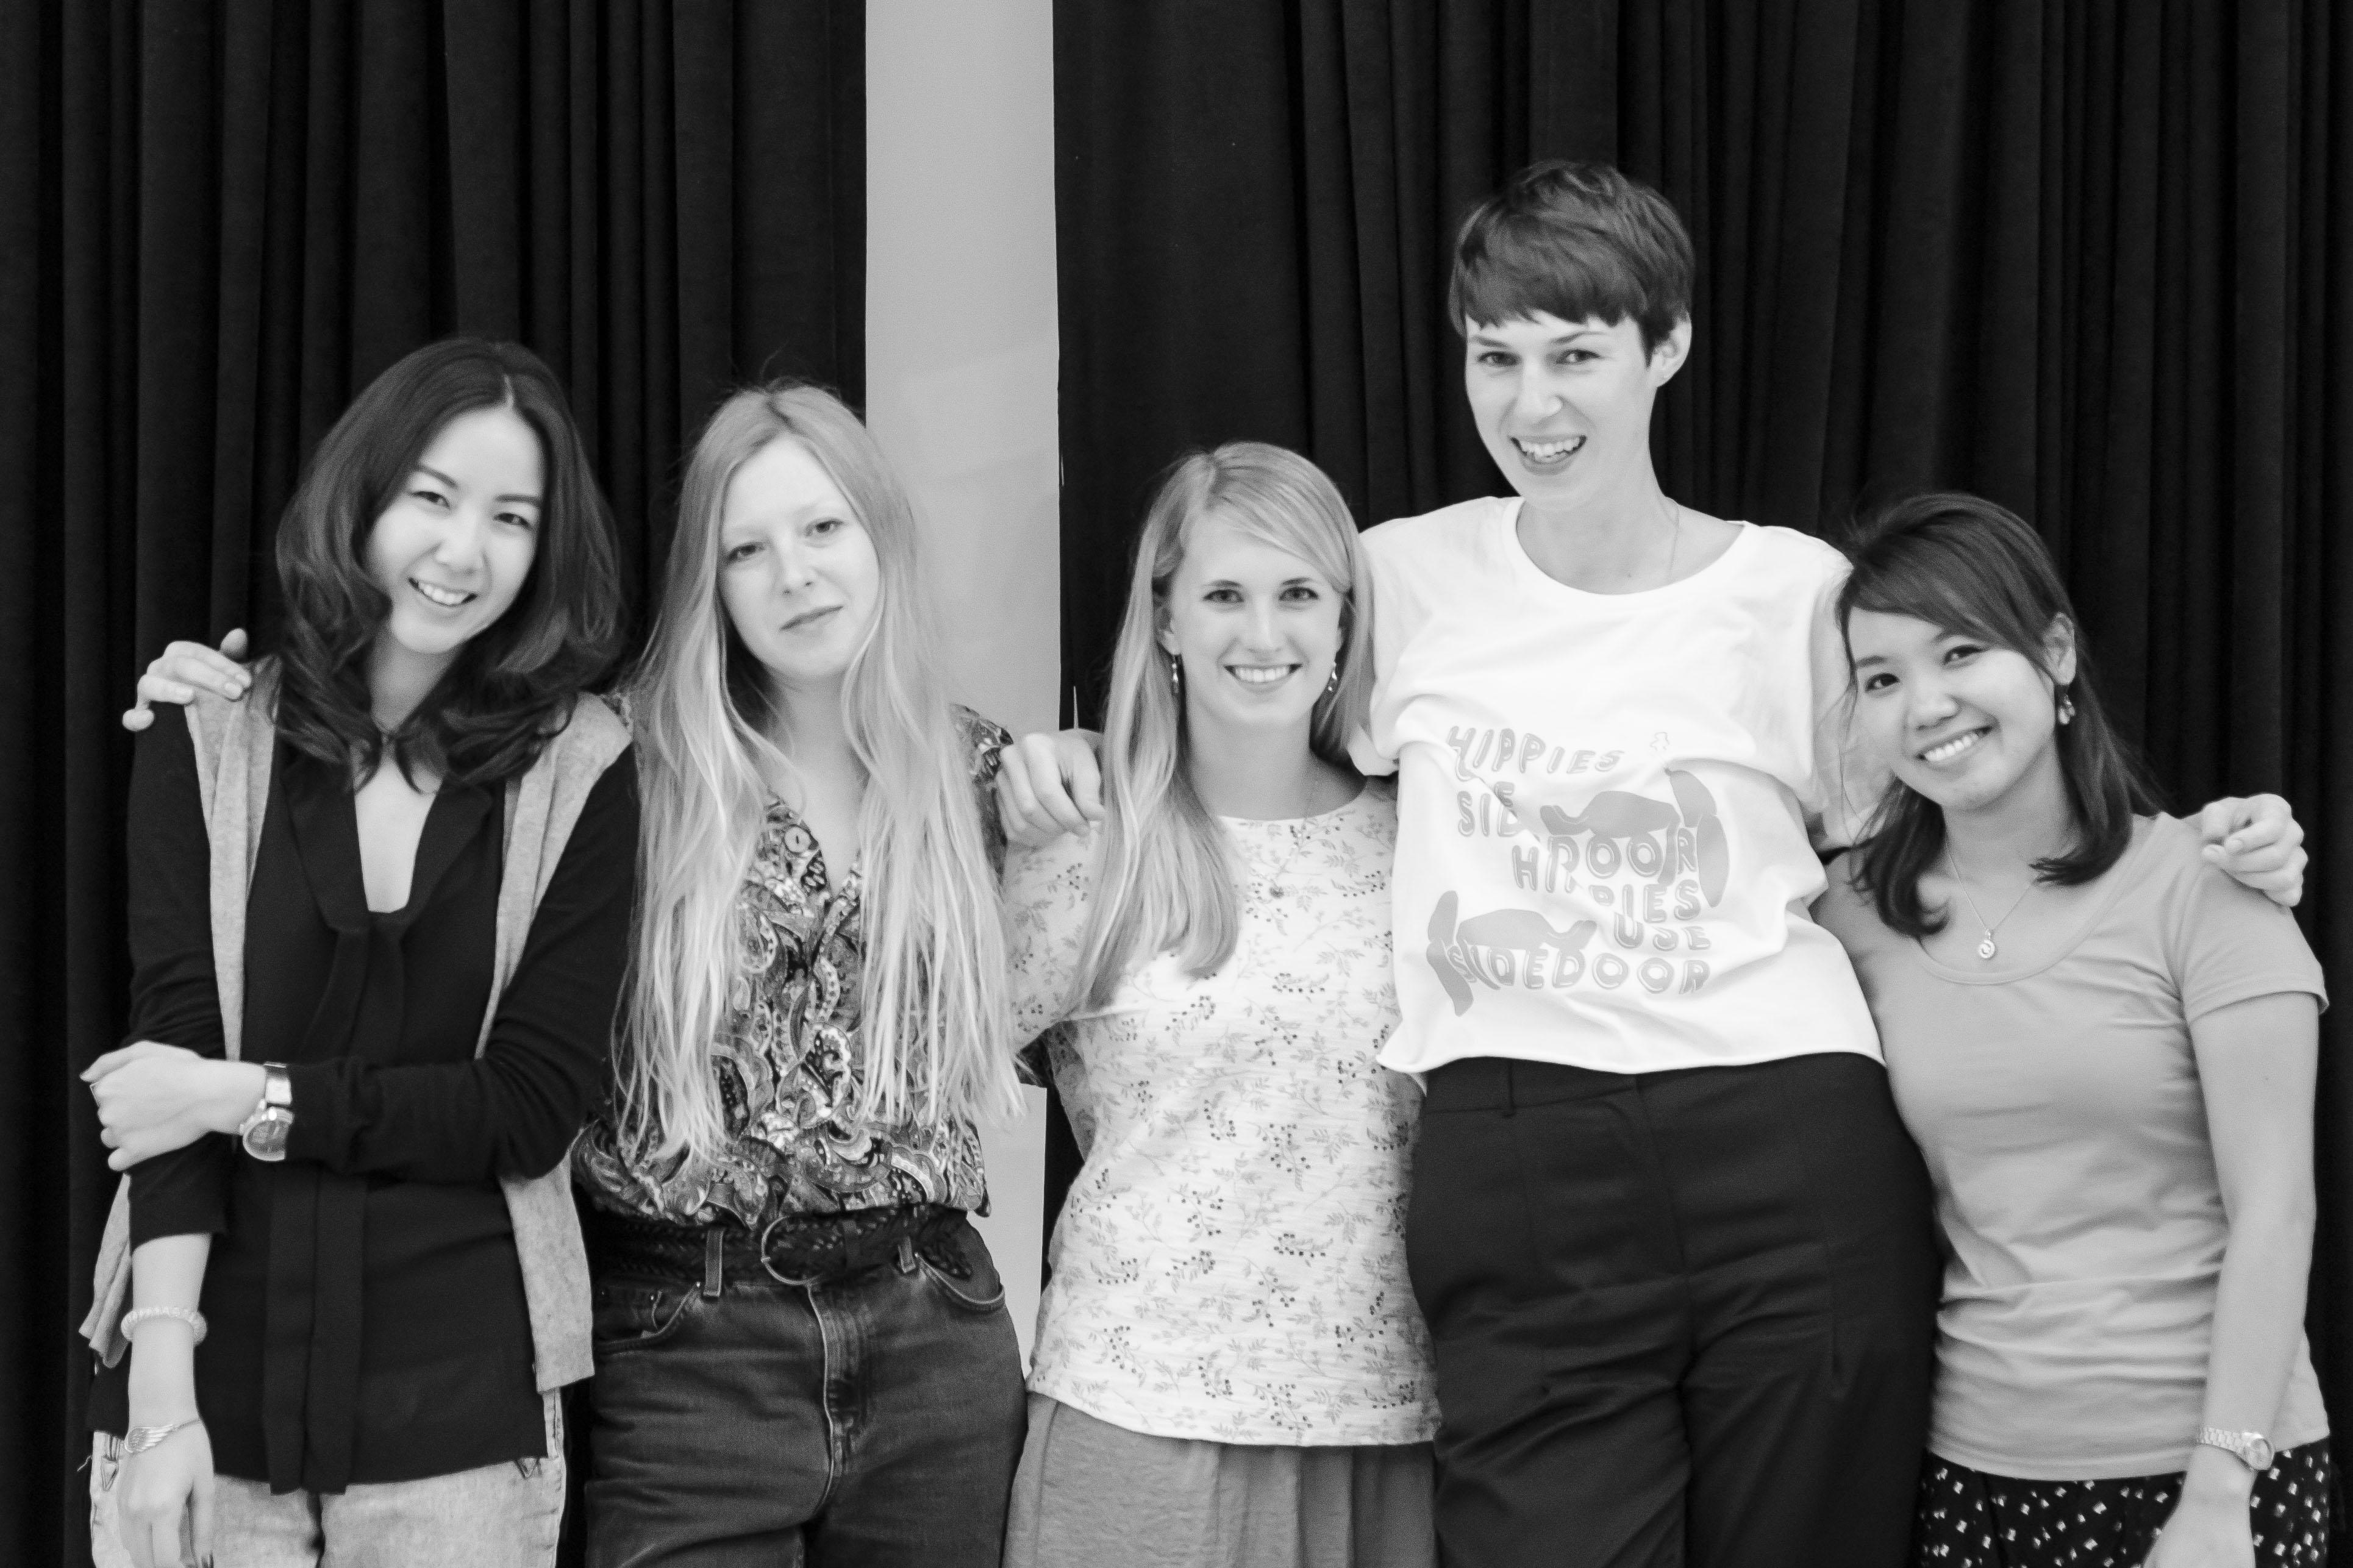 Das Workshop-Team: Orn, Laura, ich, Sandra und Gai (v. links n. rechts)